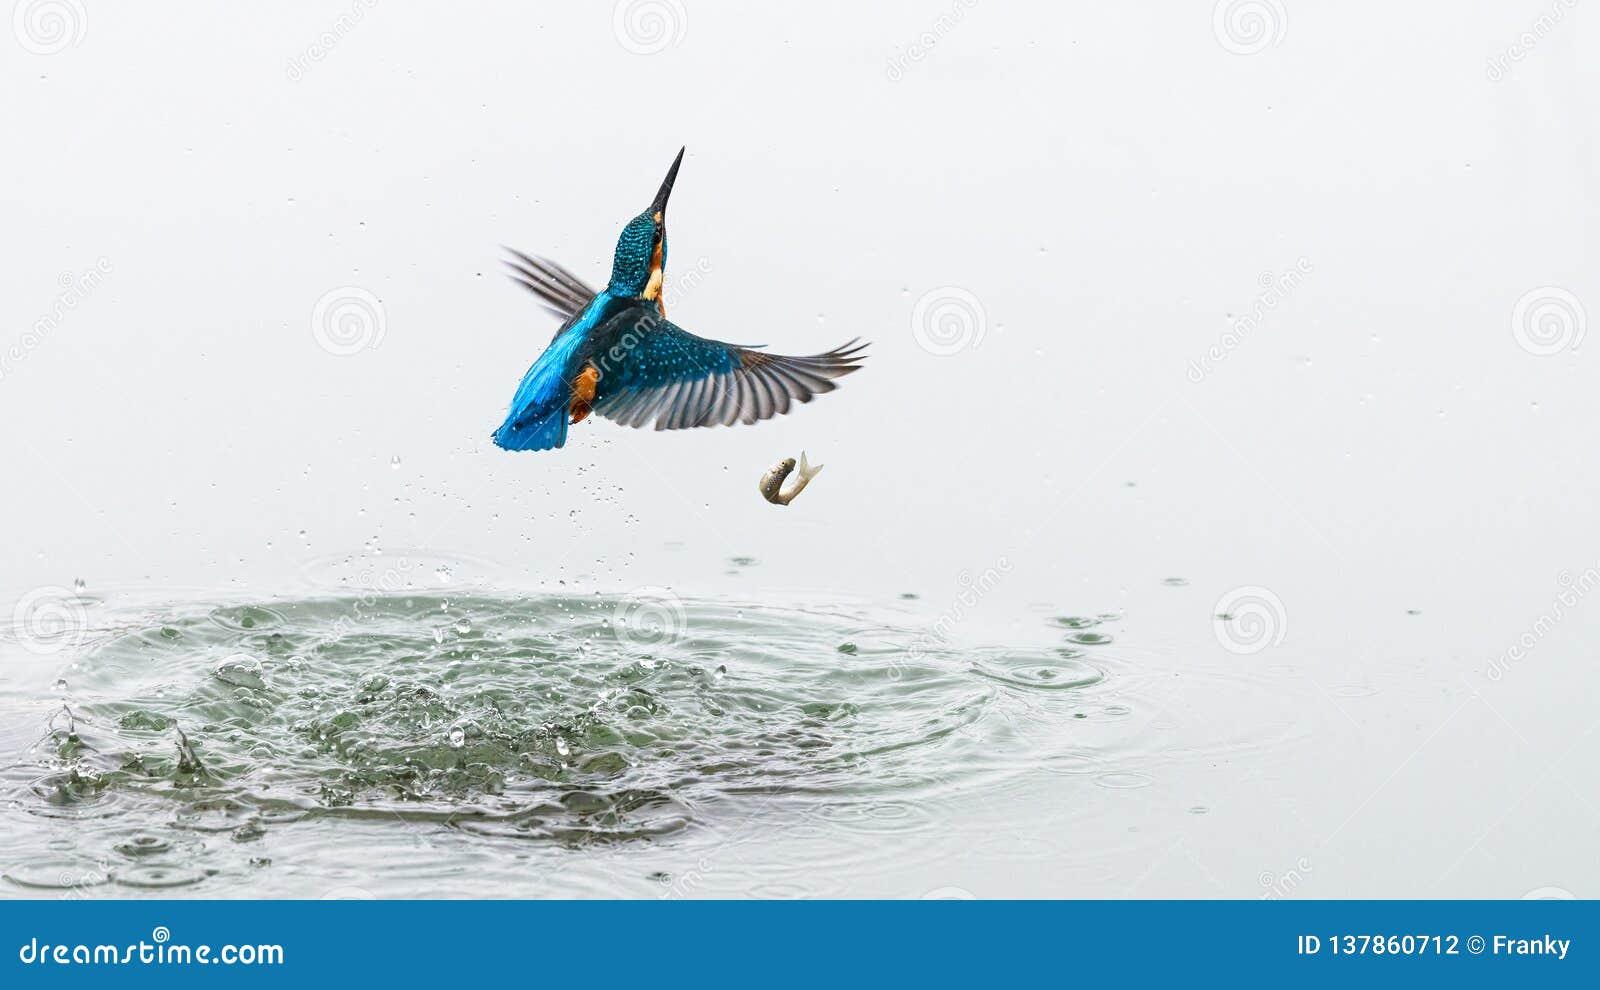 Handlingfotoet av en kungsfiskare som ut kommer från vatten efter ett lyckat fiske, men fisken, har stupat ut ur kingfisher'sna